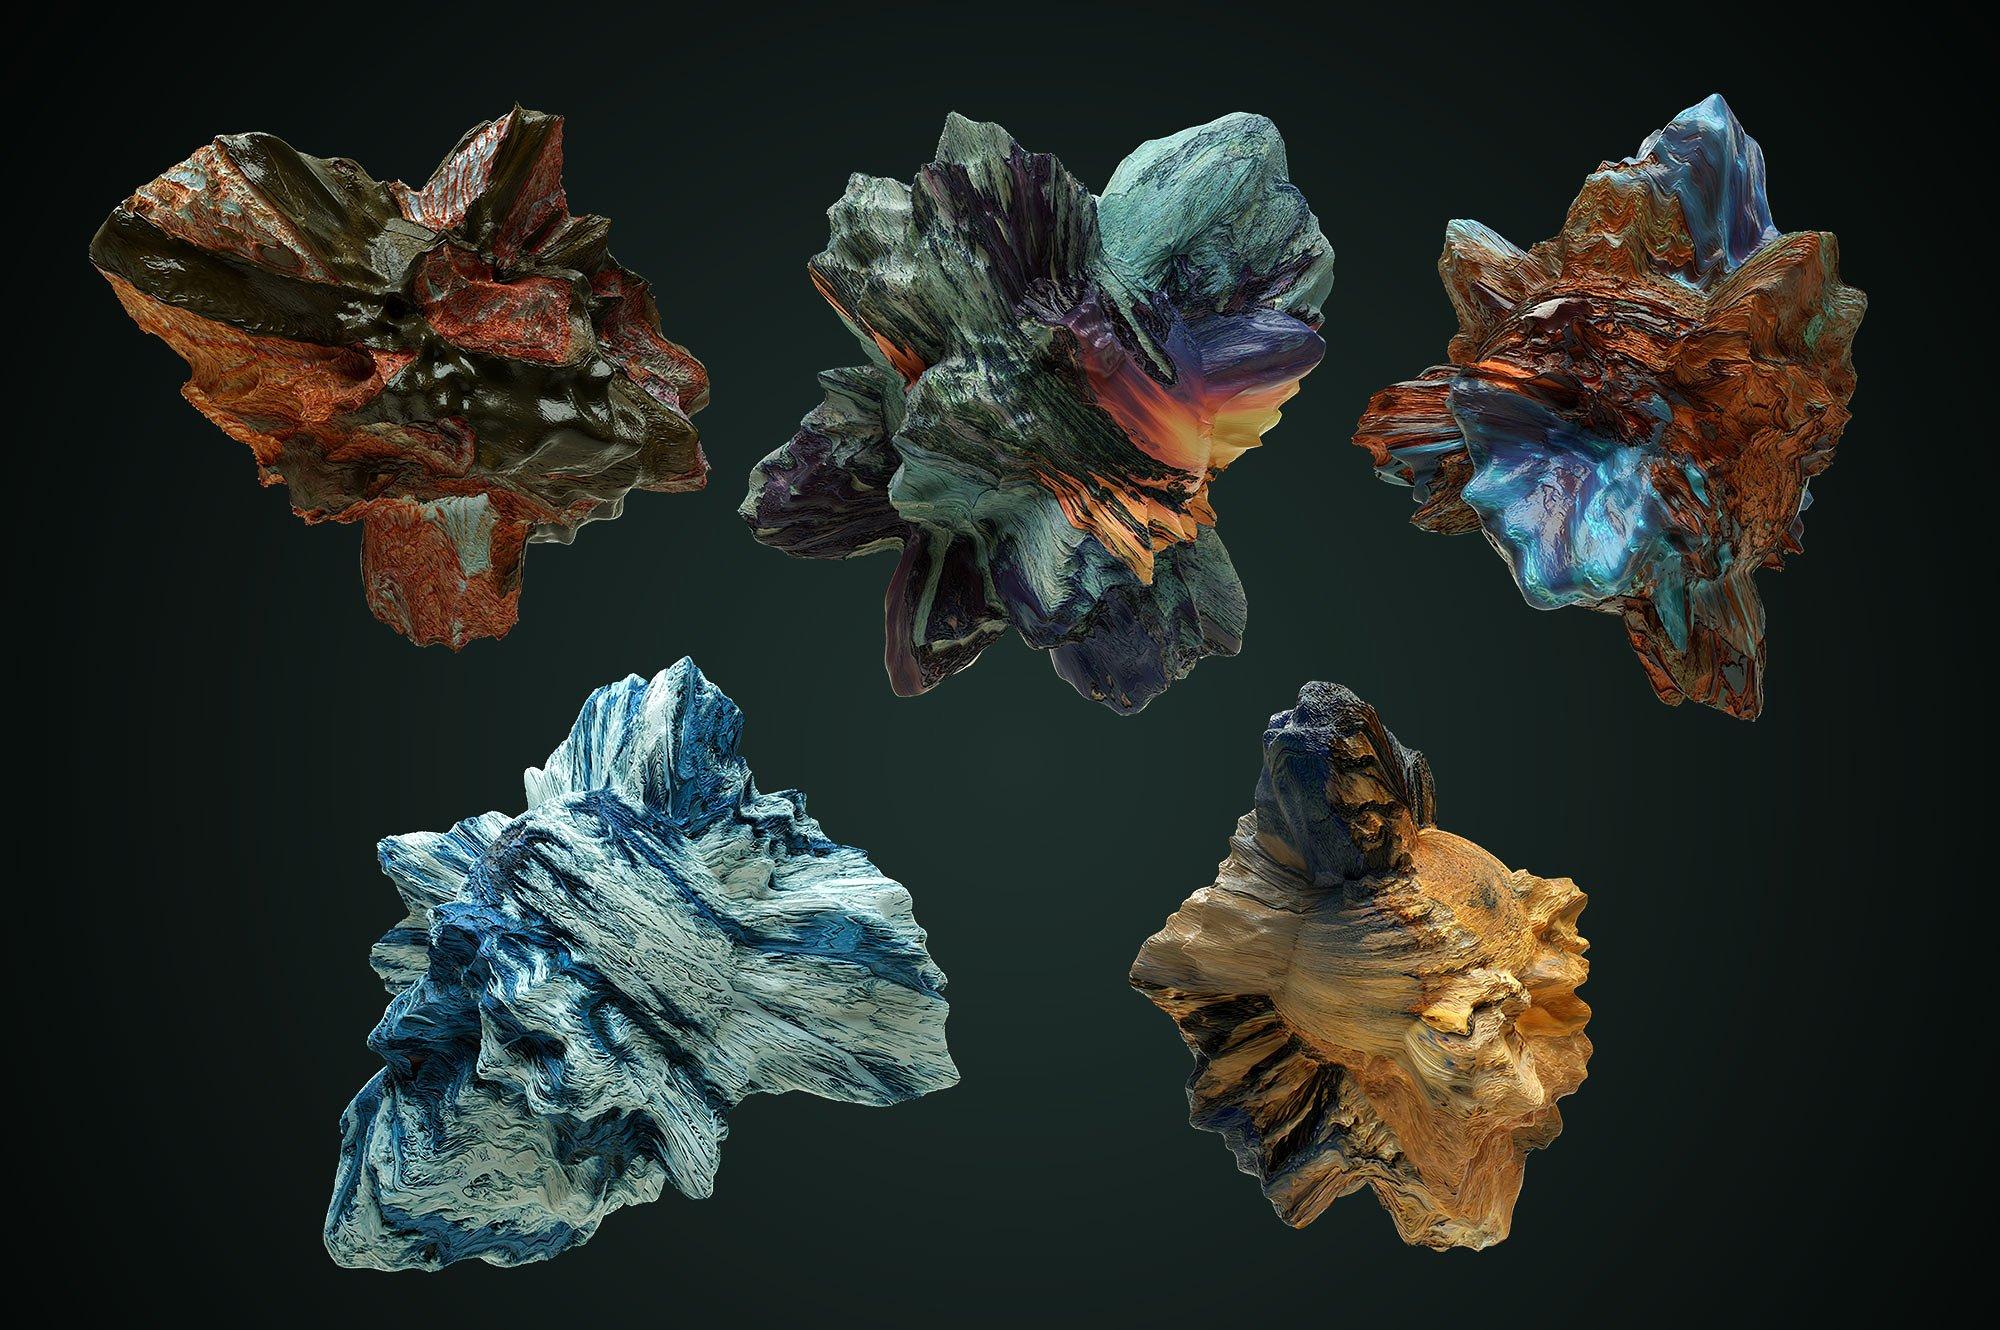 创意抽象纹理系列:10款混合油漆矿石有机图案3D纹理&PS笔刷 Tectonic (Exclusive)插图9